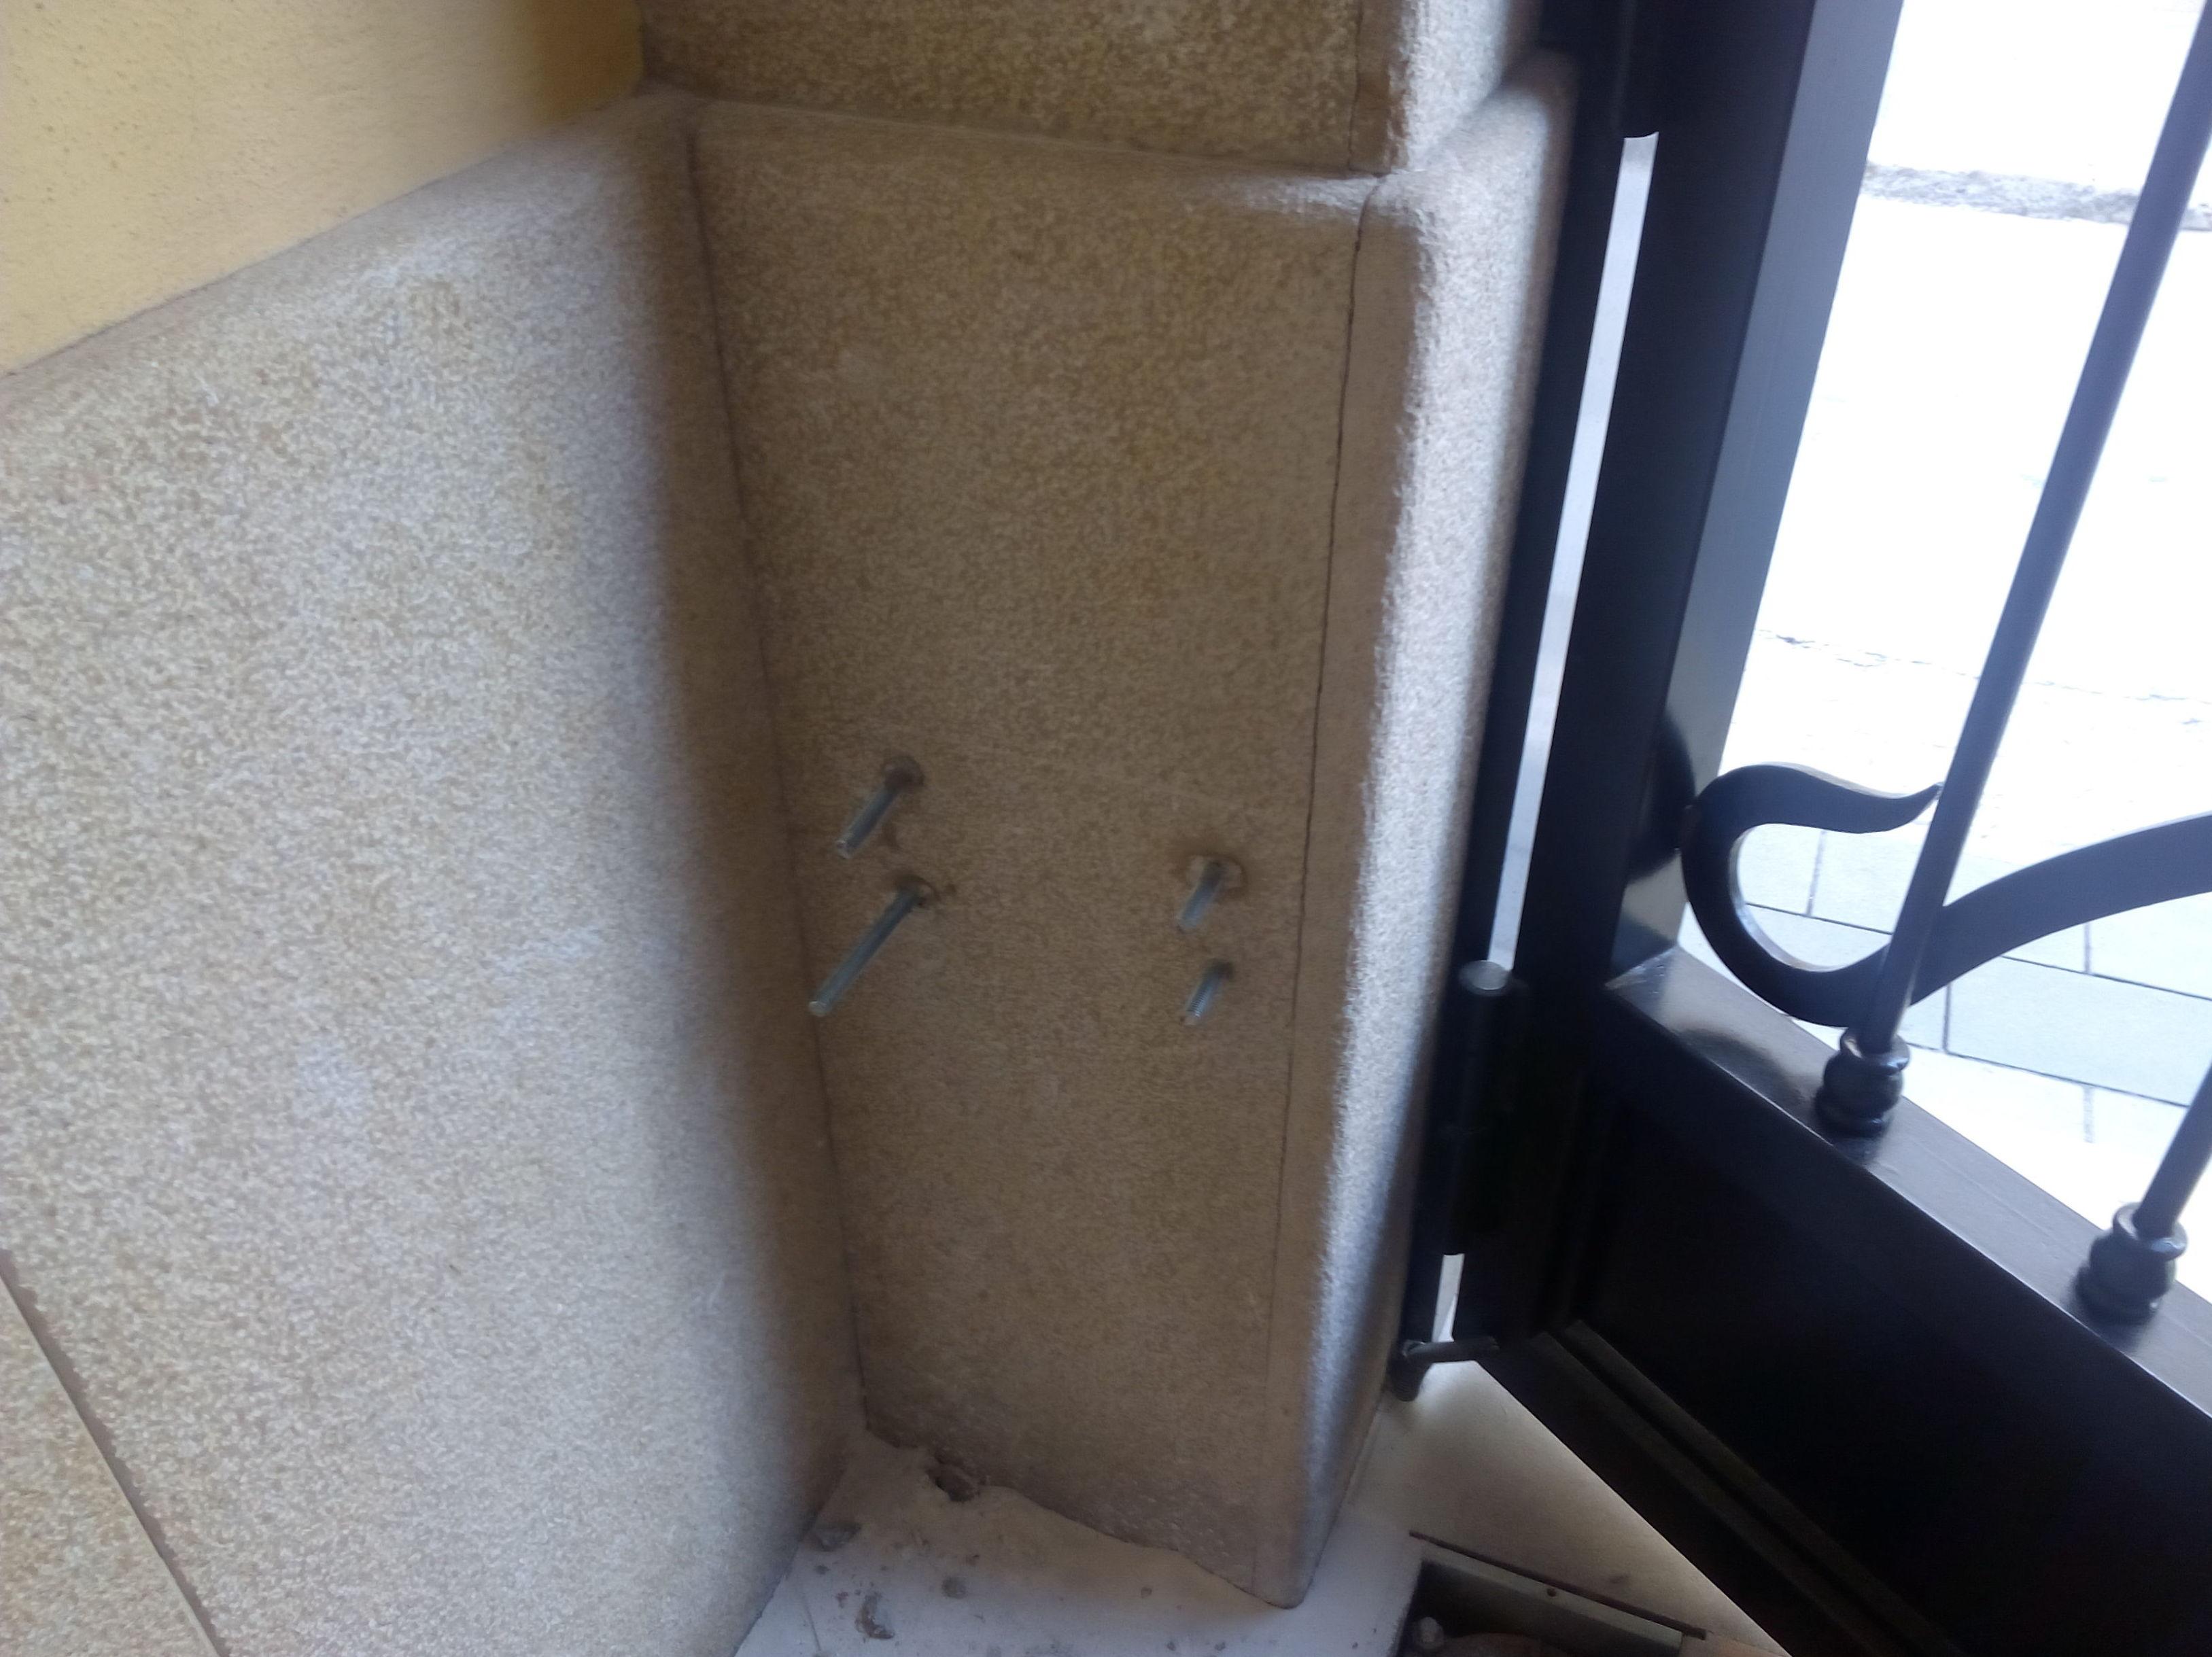 Espacio de pilar para motor puerta batiente articulado